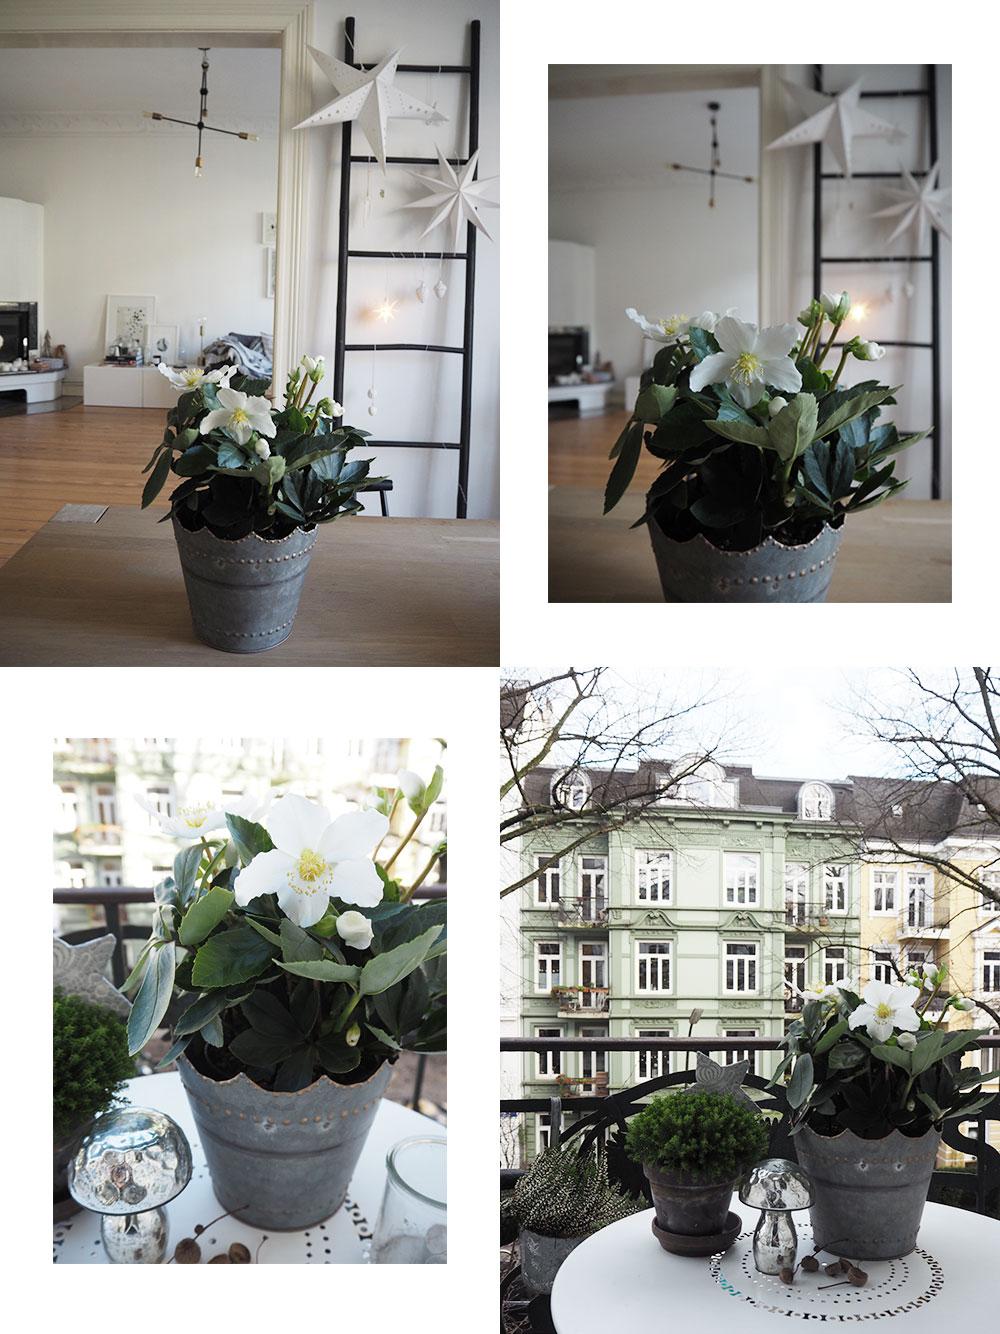 femtastics-Anna-Christrose-Blume2000.de-Weihnachten